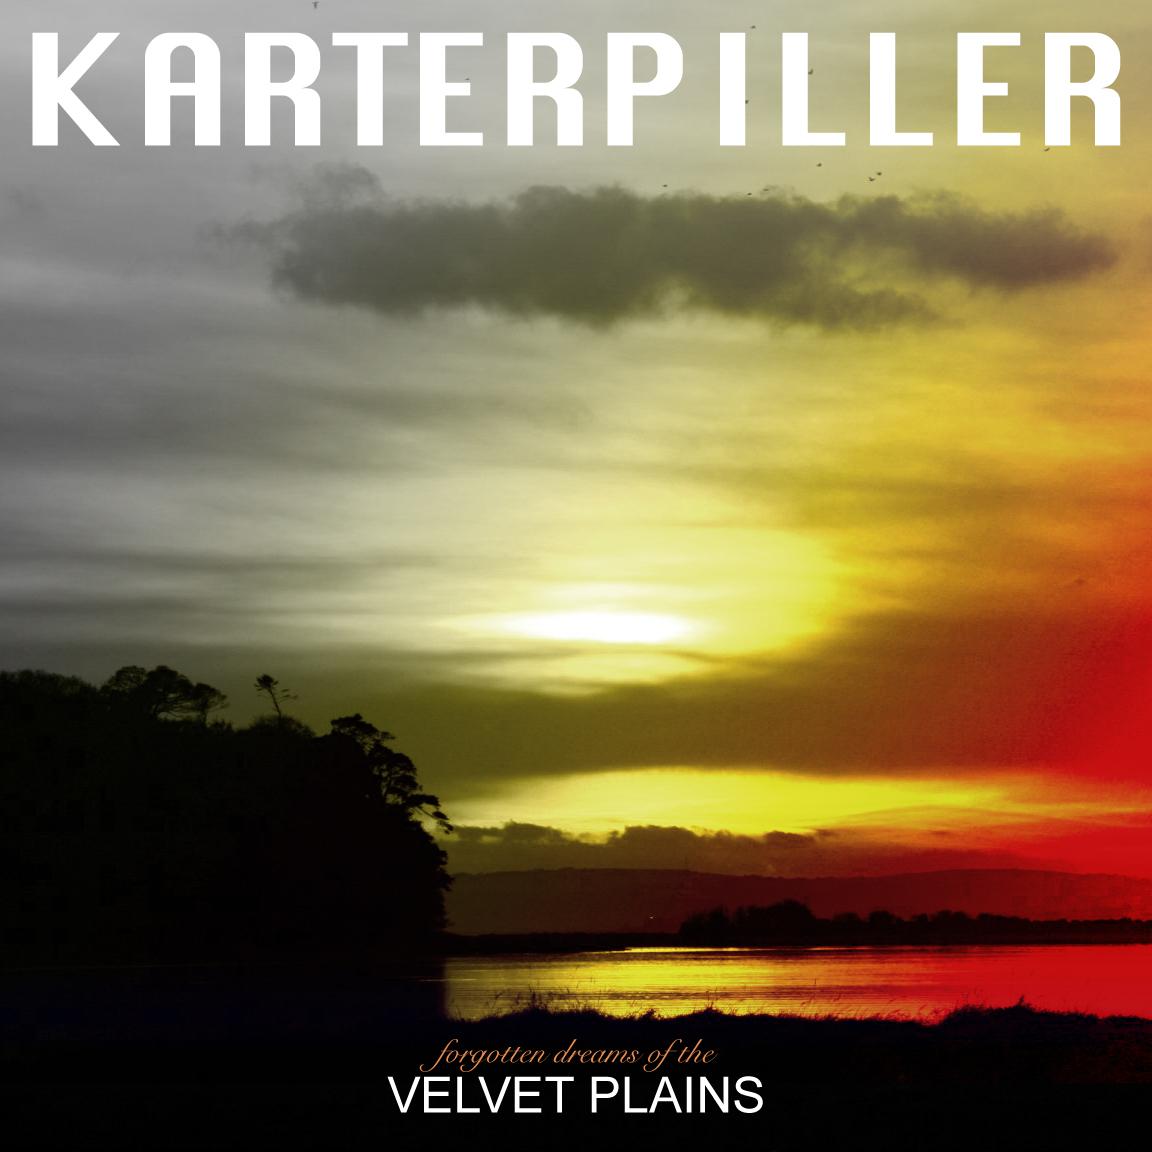 Velvet Plains